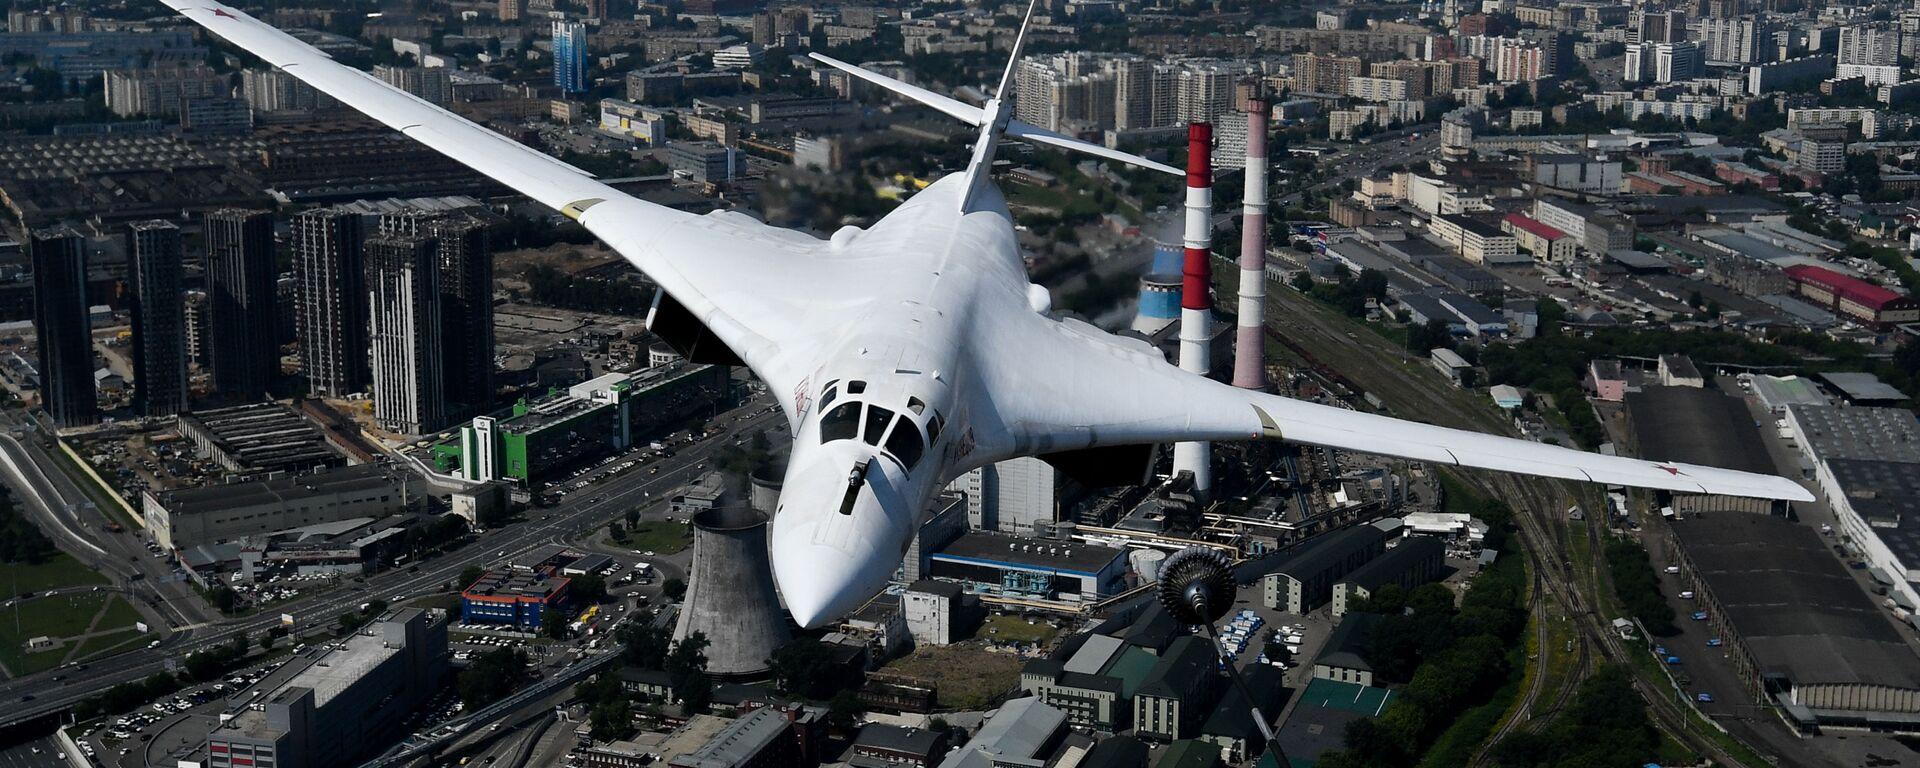 Máy bay ném bom chiến lược-tàu sân bay tên lửa Tu-160 trong cuộc diễn tập trang phục phần trên không của lễ duyệt binh kỷ niệm 75 năm Chiến thắng trong Chiến tranh Vệ quốc Vĩ đại ở Moskva. - Sputnik Việt Nam, 1920, 23.09.2021